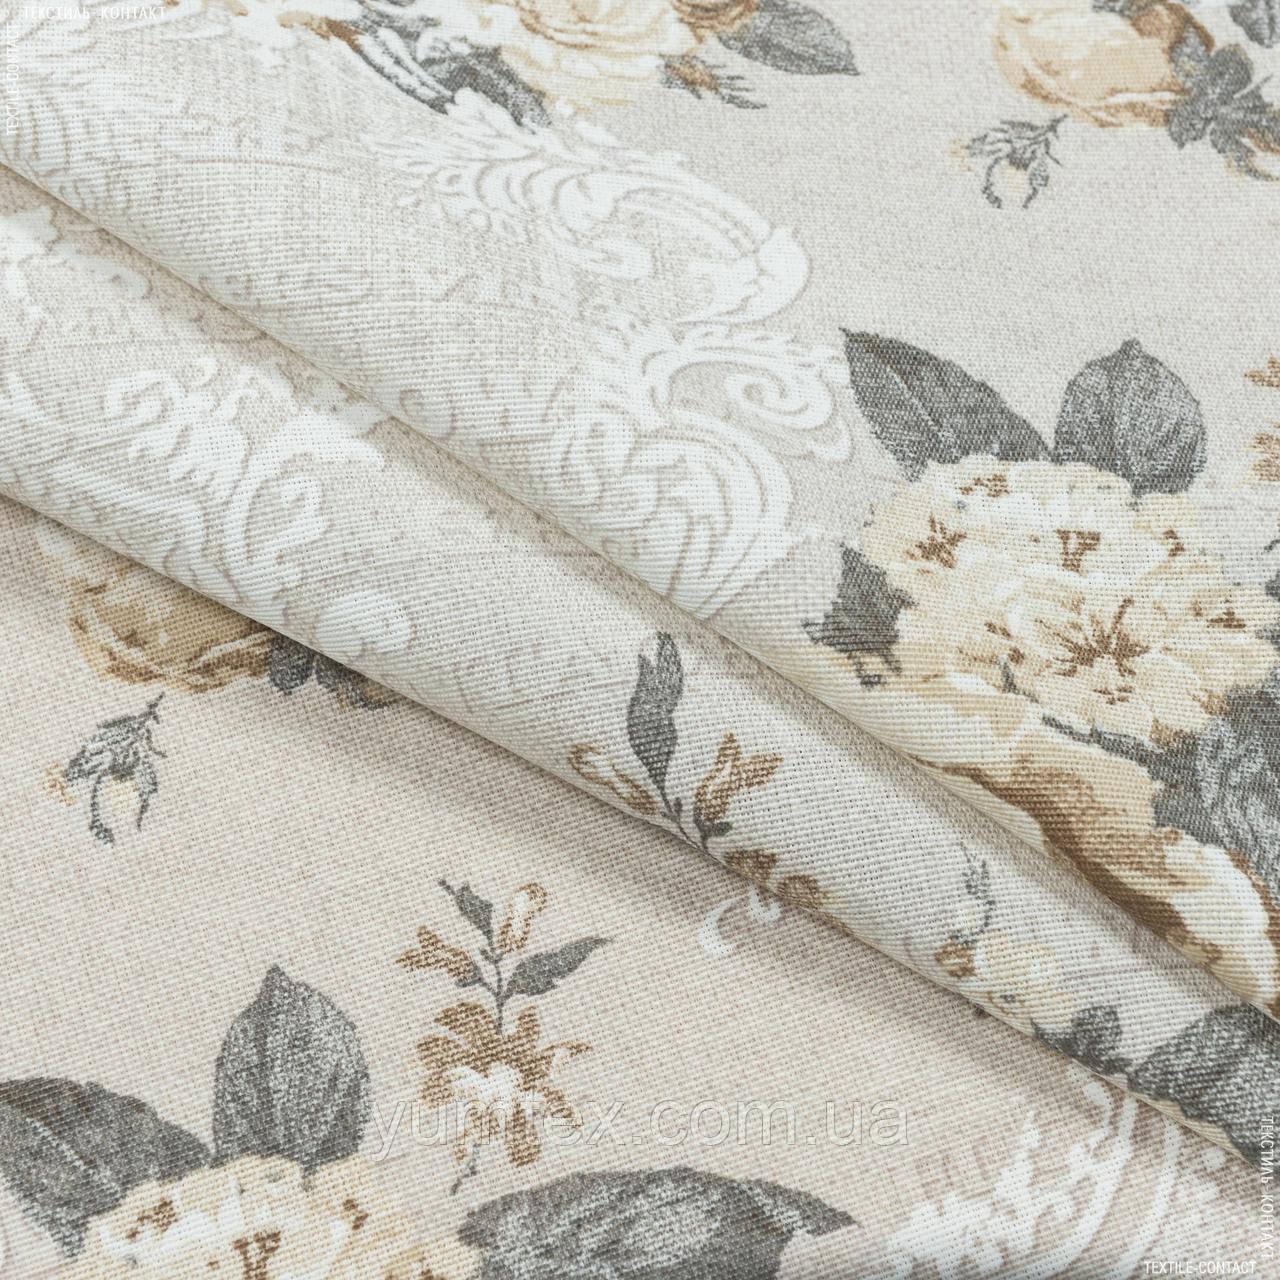 Декоративна тканина лонета неус/neus квіти беж т. сірий,фон св. беж 148877